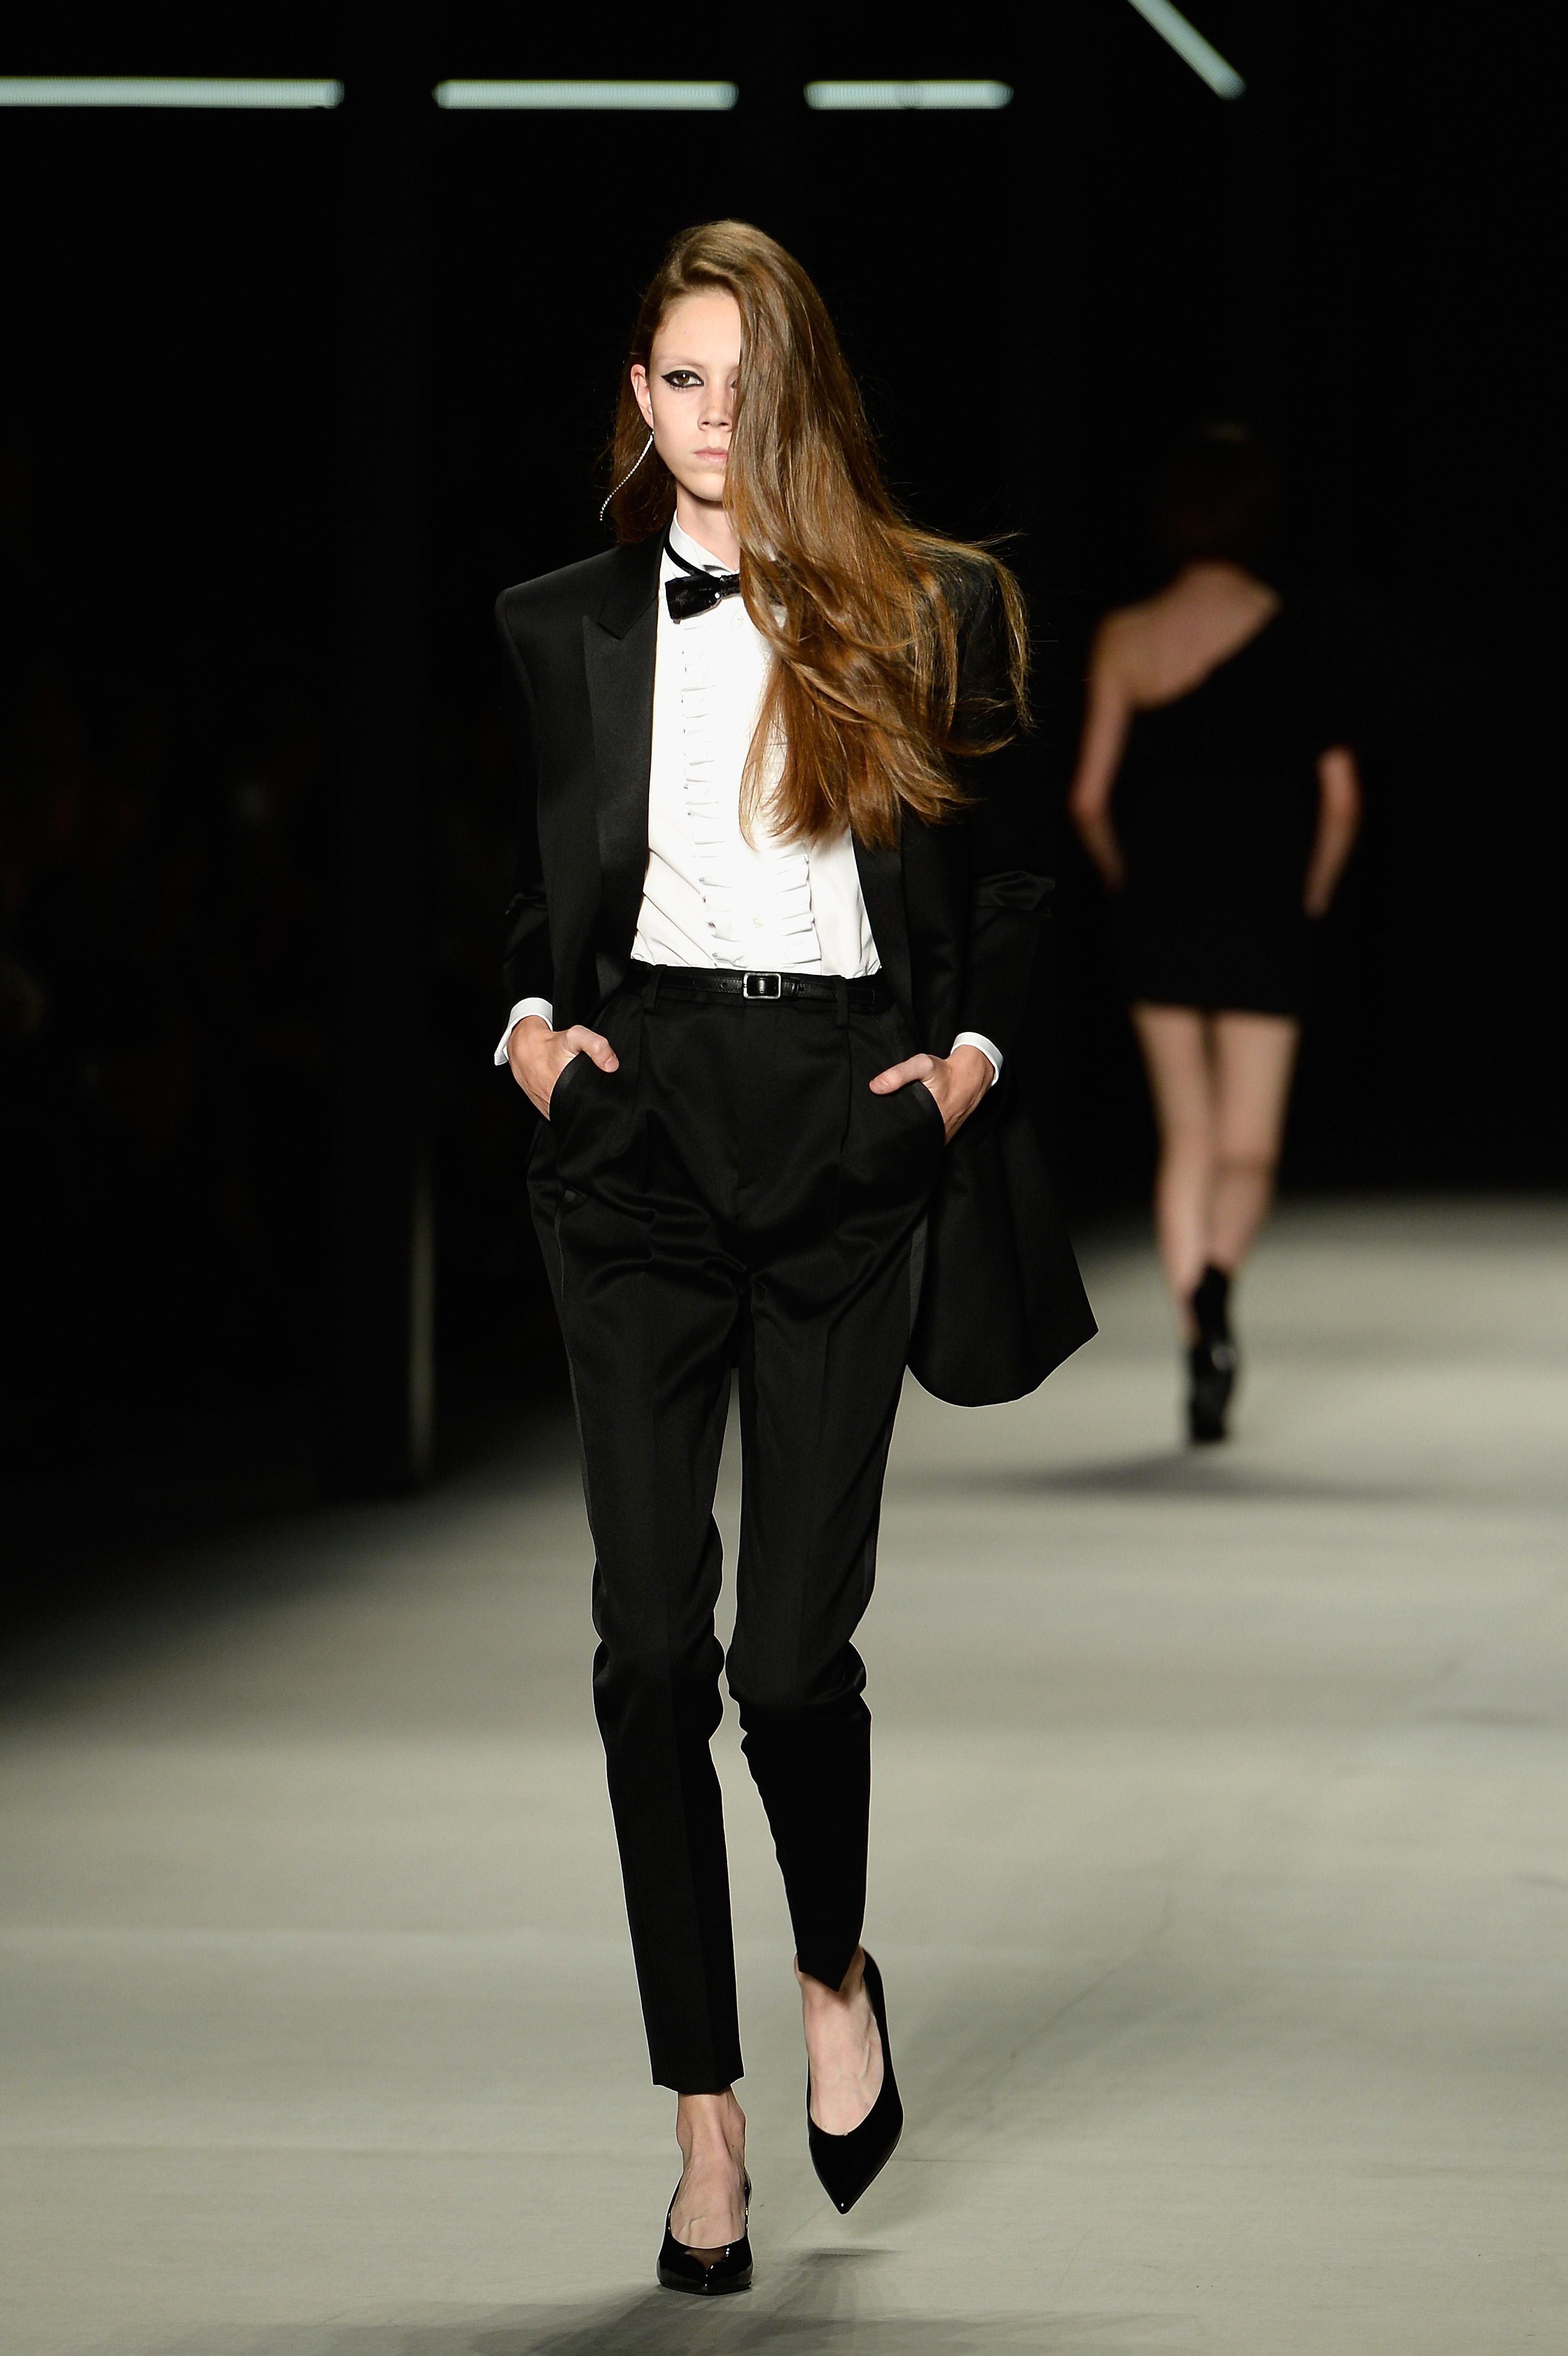 Francuski dizajner je muškim komadima kao što su smoking i odijelo od tvida udahnuo ženstvenu dimenziju